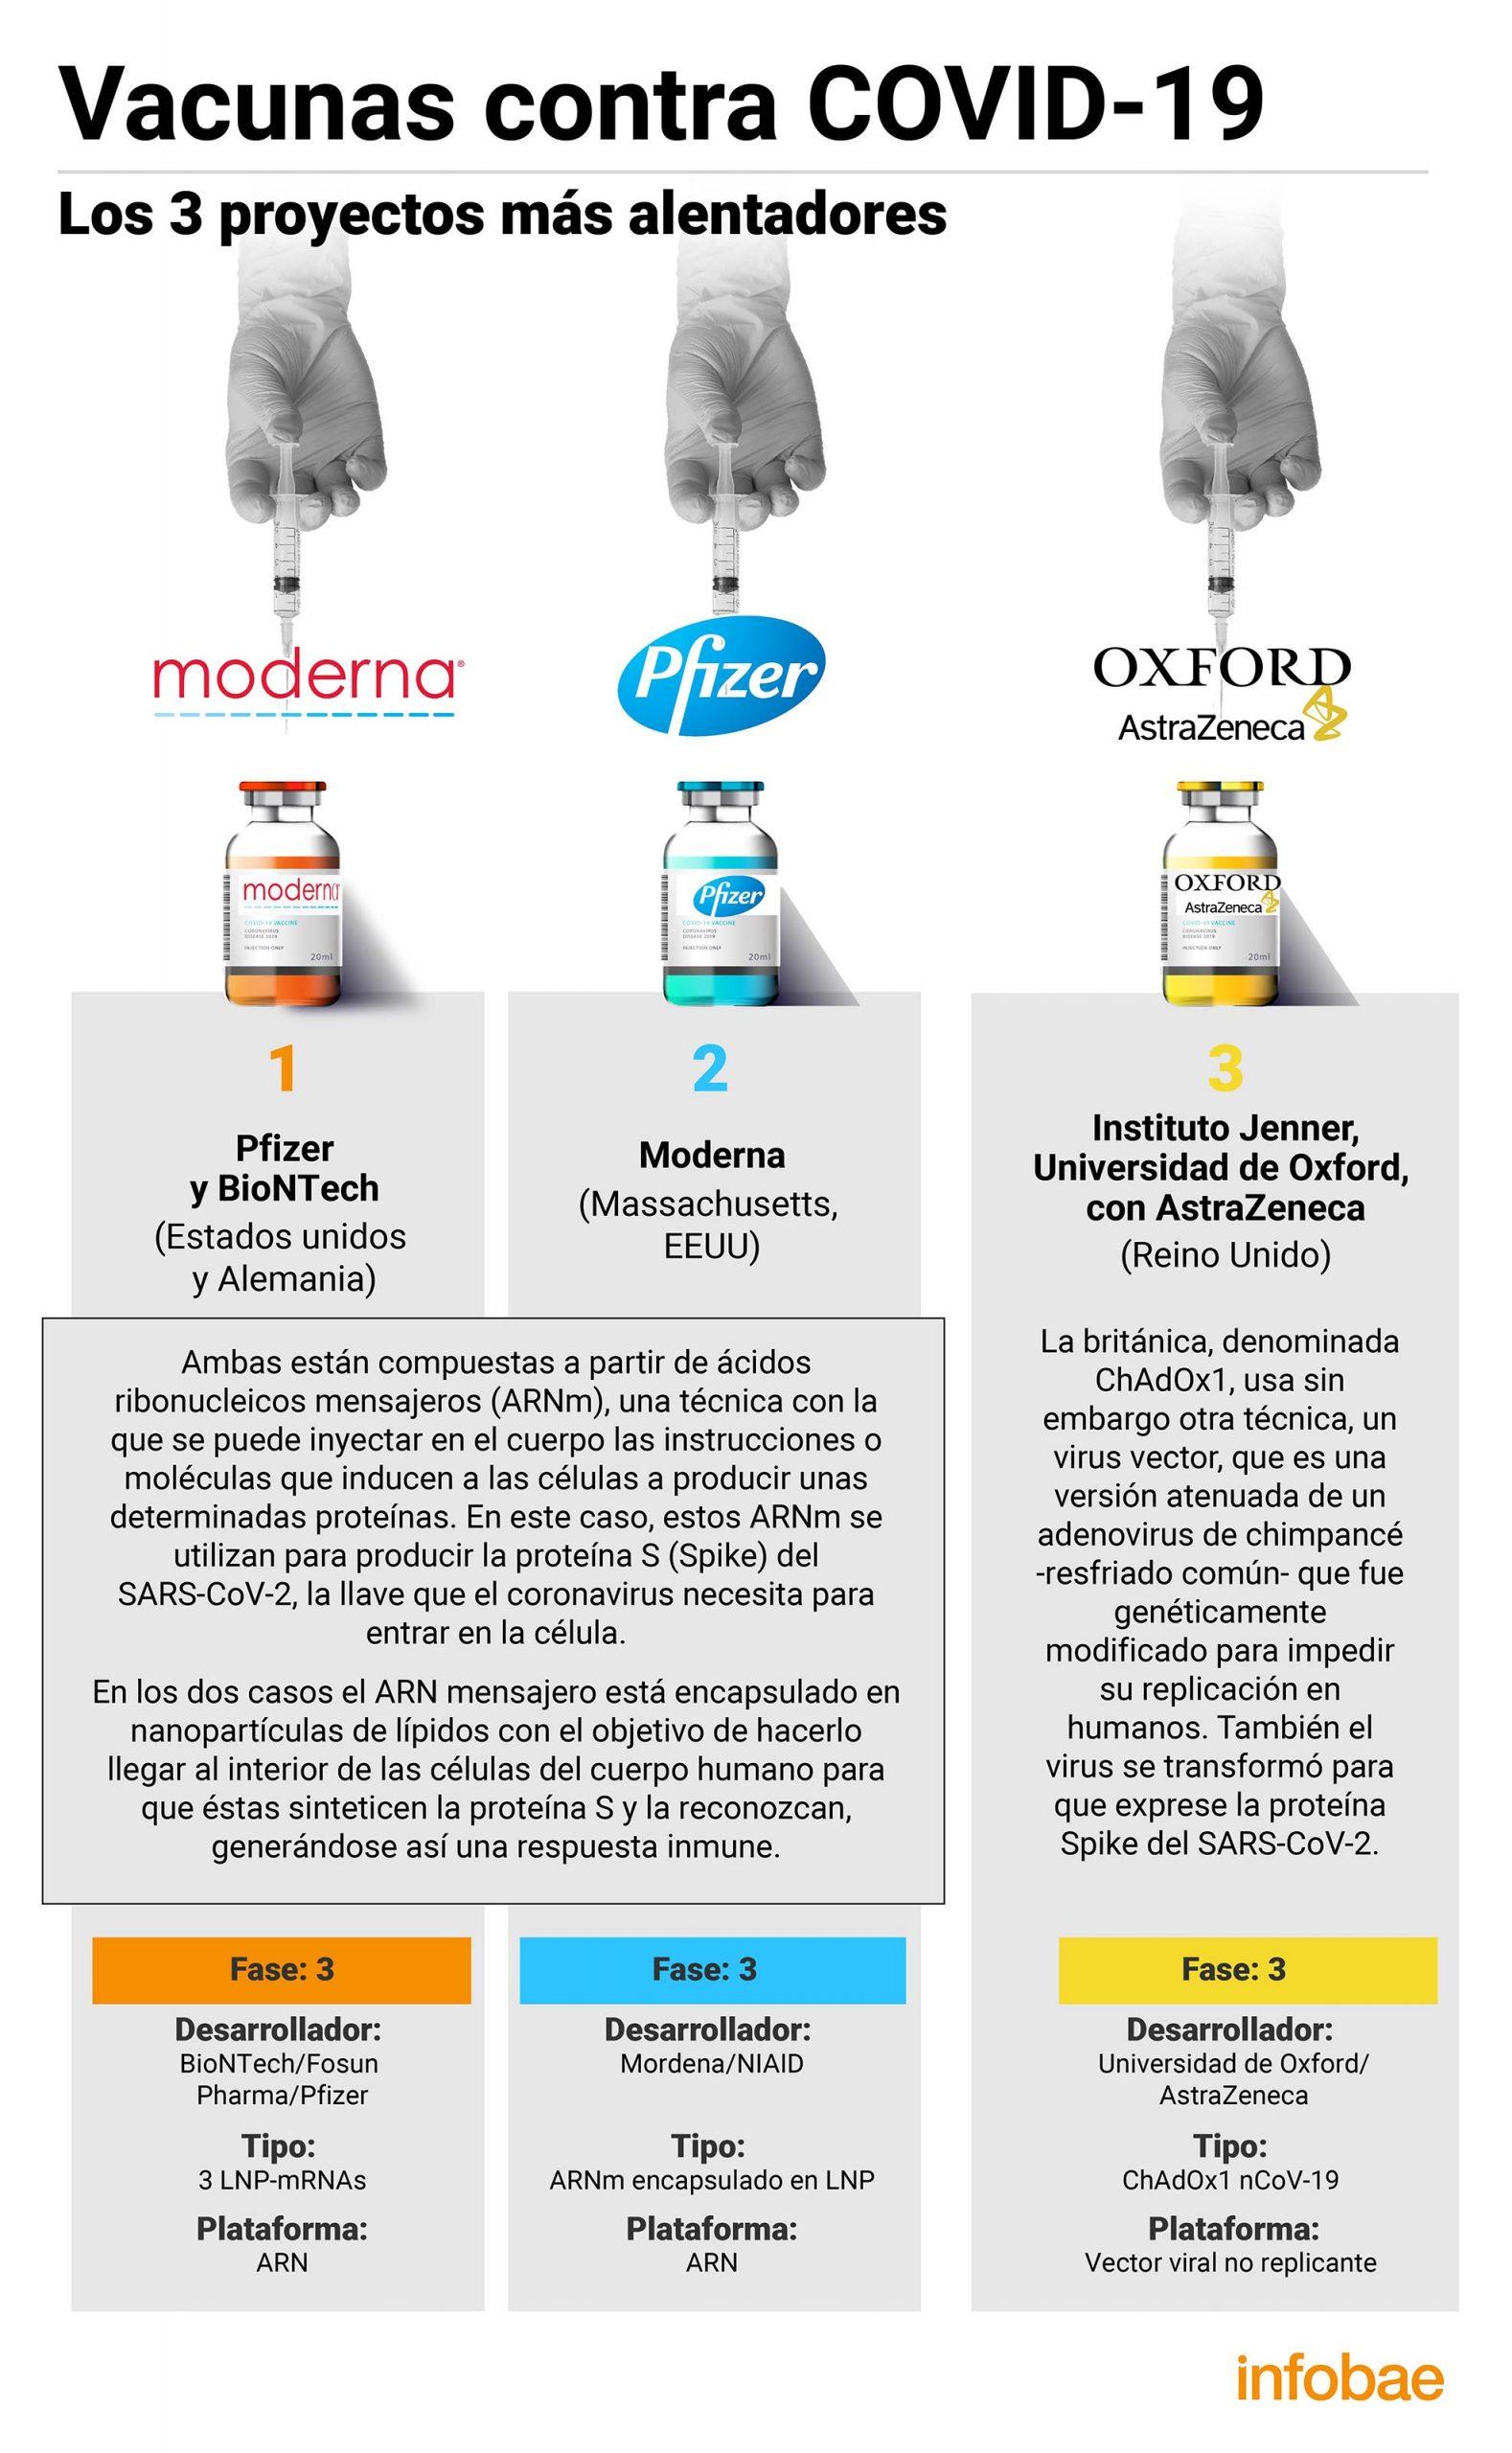 Comparación vacunas covid19 (Fuente: Infobae)